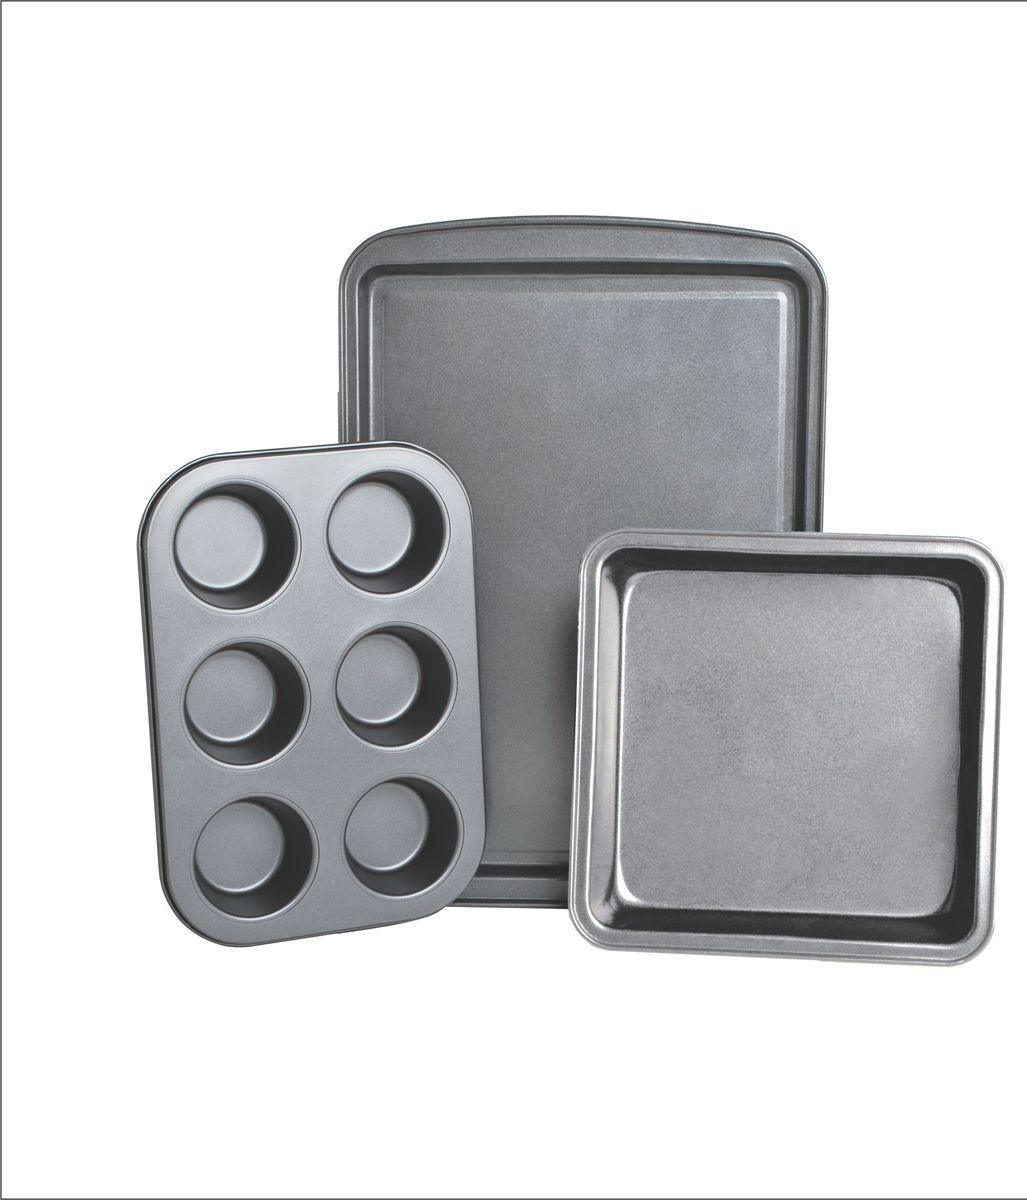 Набор противней Bayerhoff, 3 предмета. BH-5400BH-5400Набор Bayerhoff состоит из трех прямоугольных противней, изготовленных из штампованного алюминия. Приготовленная в такой посуде пища, отлично сохраняет свои вкусовые качества и имеет привлекательный, аппетитный внешний вид. Пища легко извлекается из противня. С такими противнями вы всегда сможете порадовать своих близких здоровой и вкусной едой. Изделия подходят для электрических плит, а также для использования в духовке. Внешний размер большого противня: 35 х 25 х 1,8 см. Внешний размер 2-х малых противней: 27 х 19 х 3 см; 22 х 22 х 5 см.